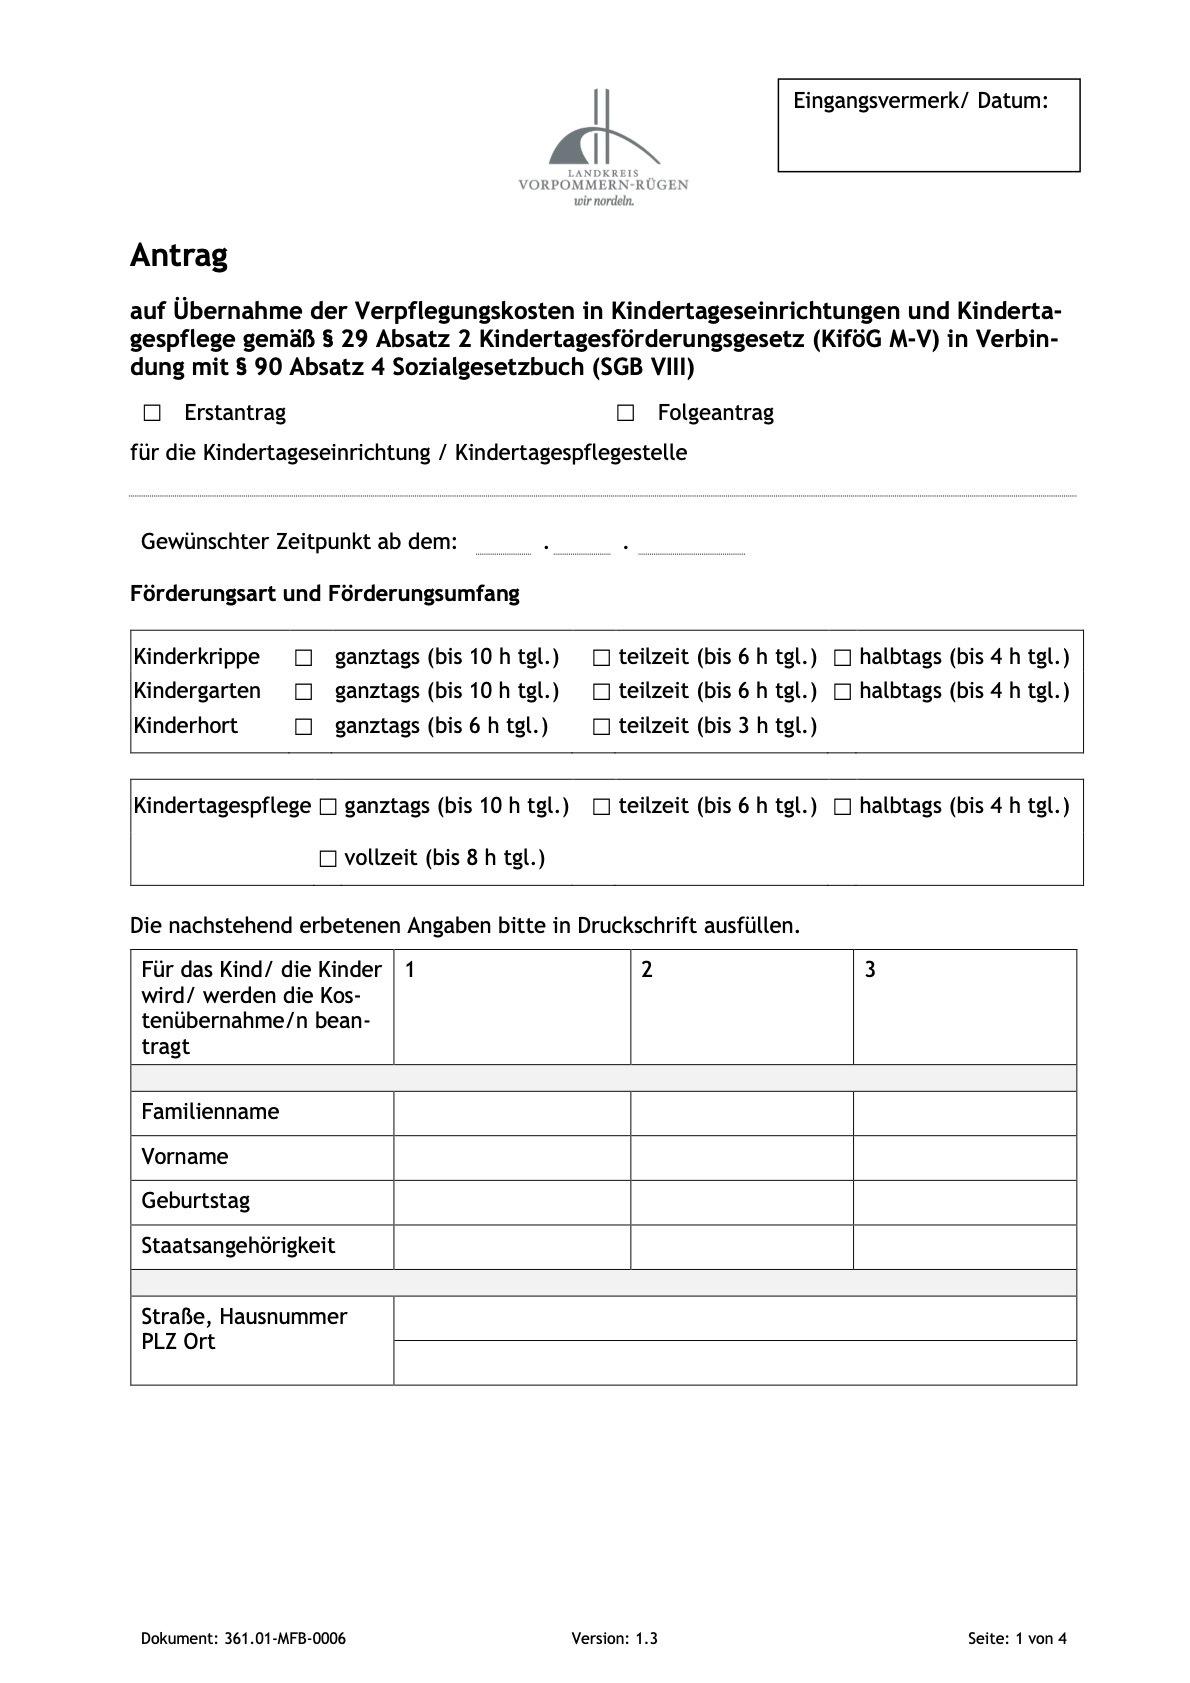 Antrag Verpflegungskostenübernahme